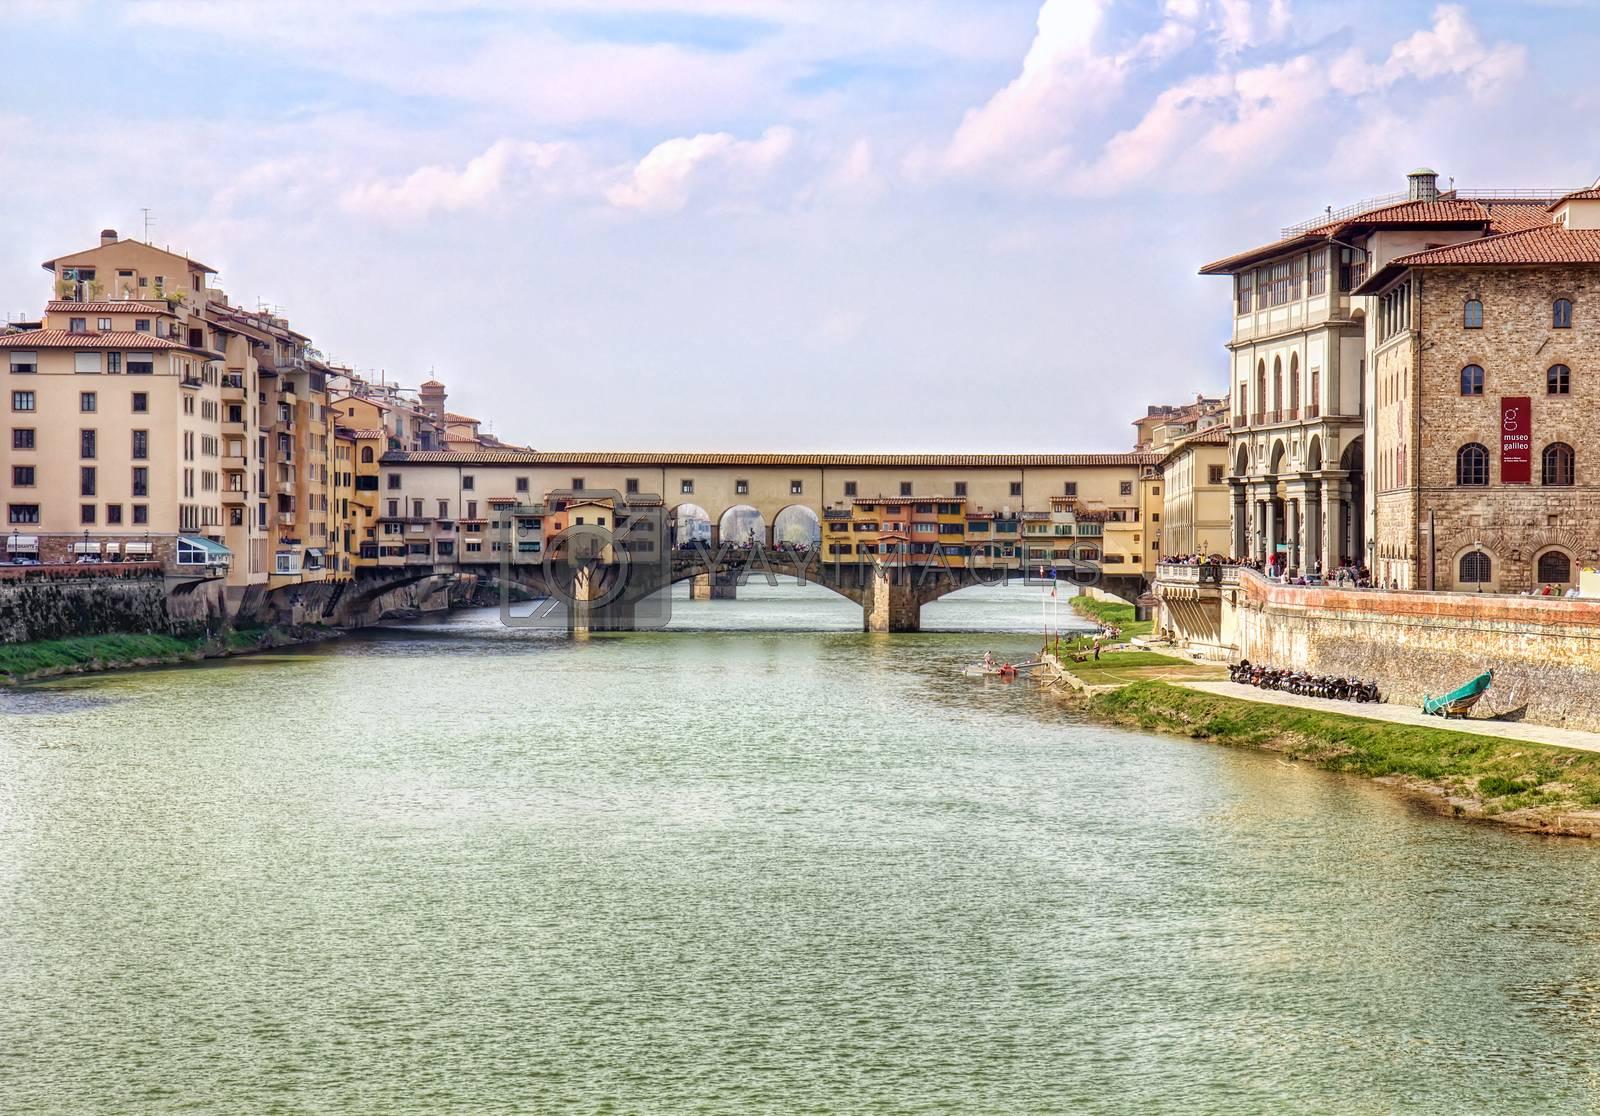 Royalty free image of Ponte Vecchio bridge in Florence by Brigida_Soriano